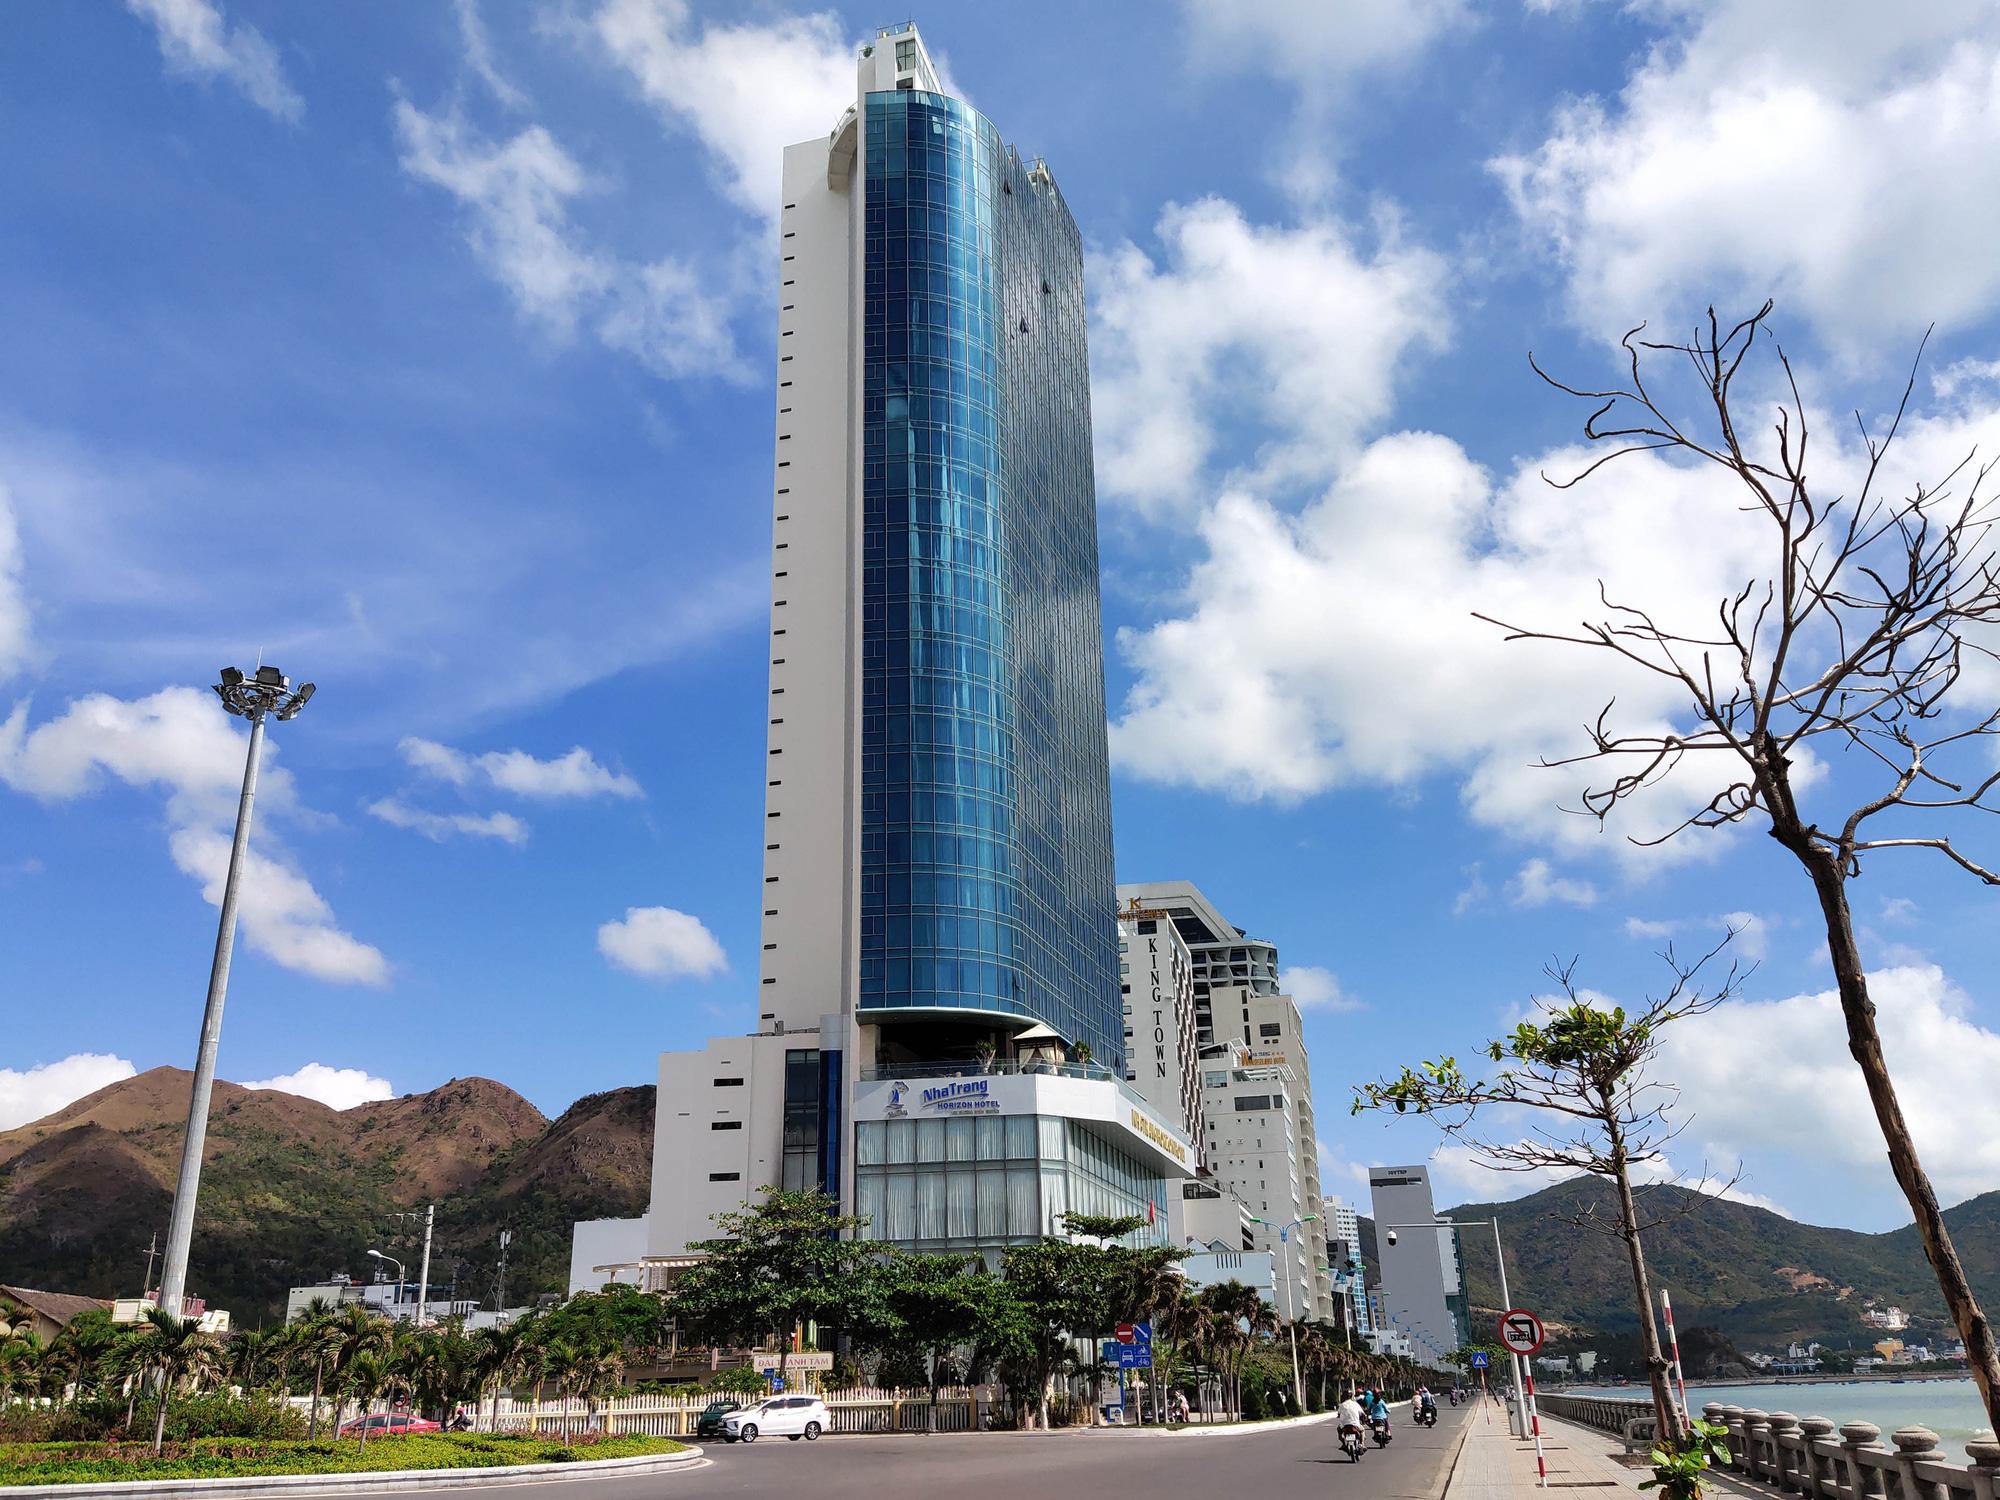 Vừa vận hành ổn định, khách sạn 5 sao tại Nha Trang lỗ hơn 5 tỉ đồng/tháng vì Covid-19  - Ảnh 1.